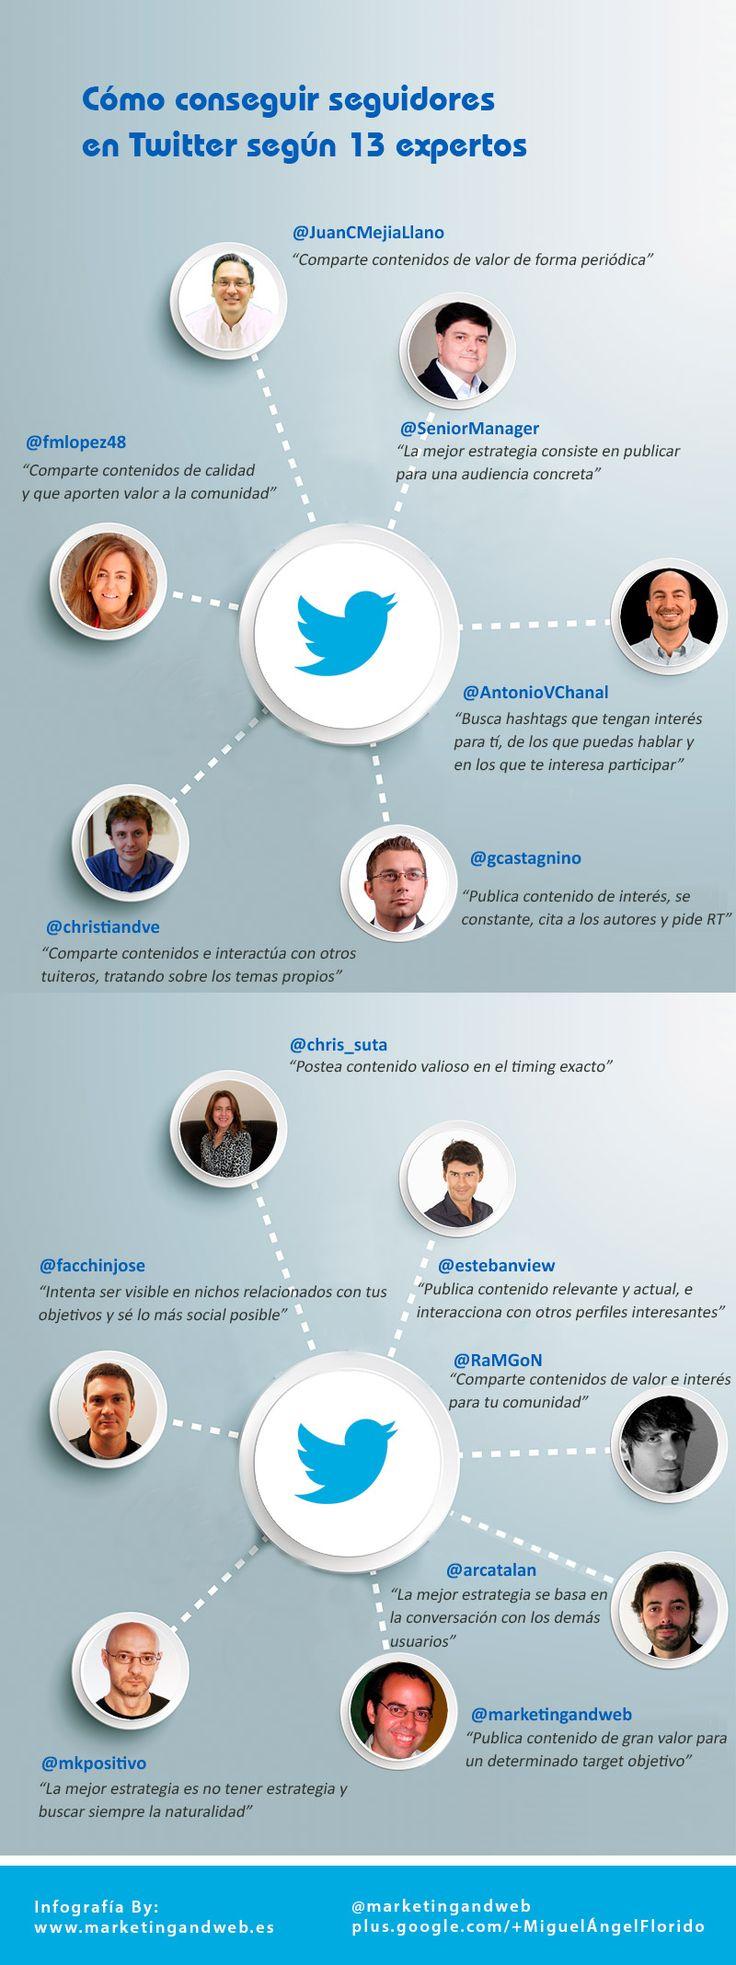 13 Expertos del Social Media te revelan sus secretos para conseguir seguidores en Twitter. ¿Quieres conocer las herramientas que utilizan?  #twitter #socialmedia #communitymanager